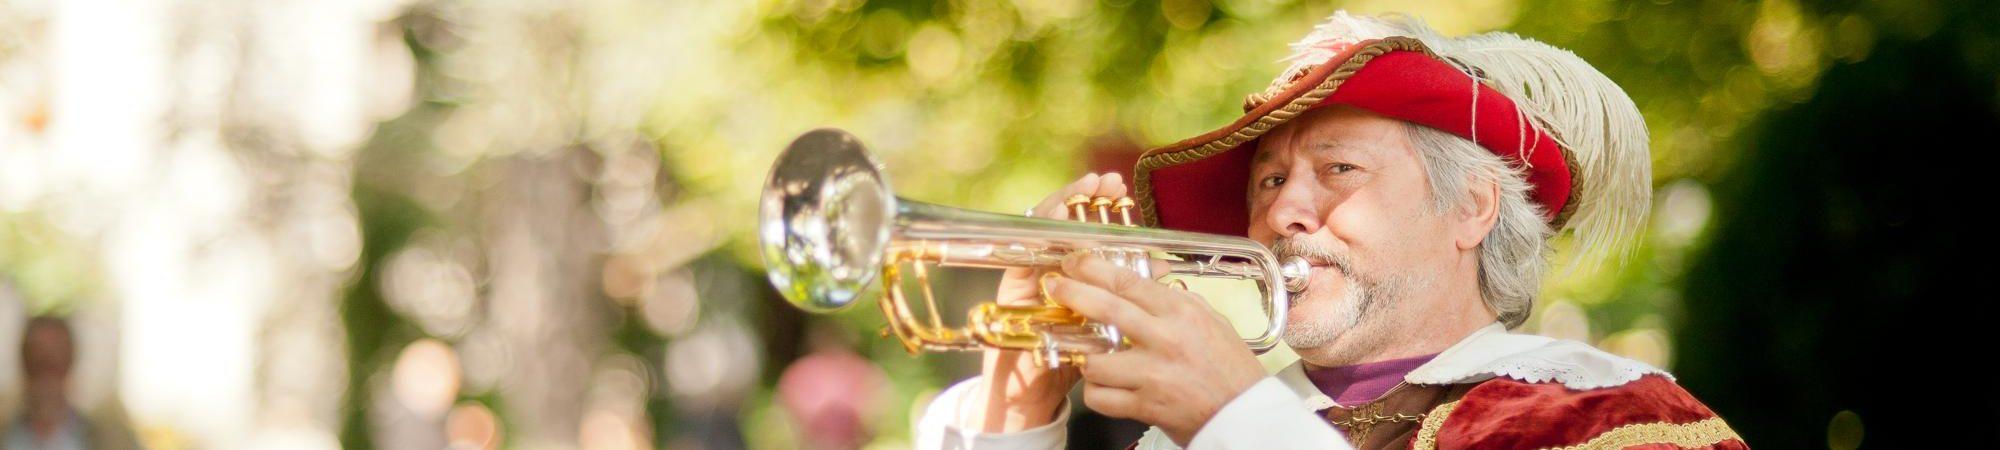 Trompeter Saeckingen